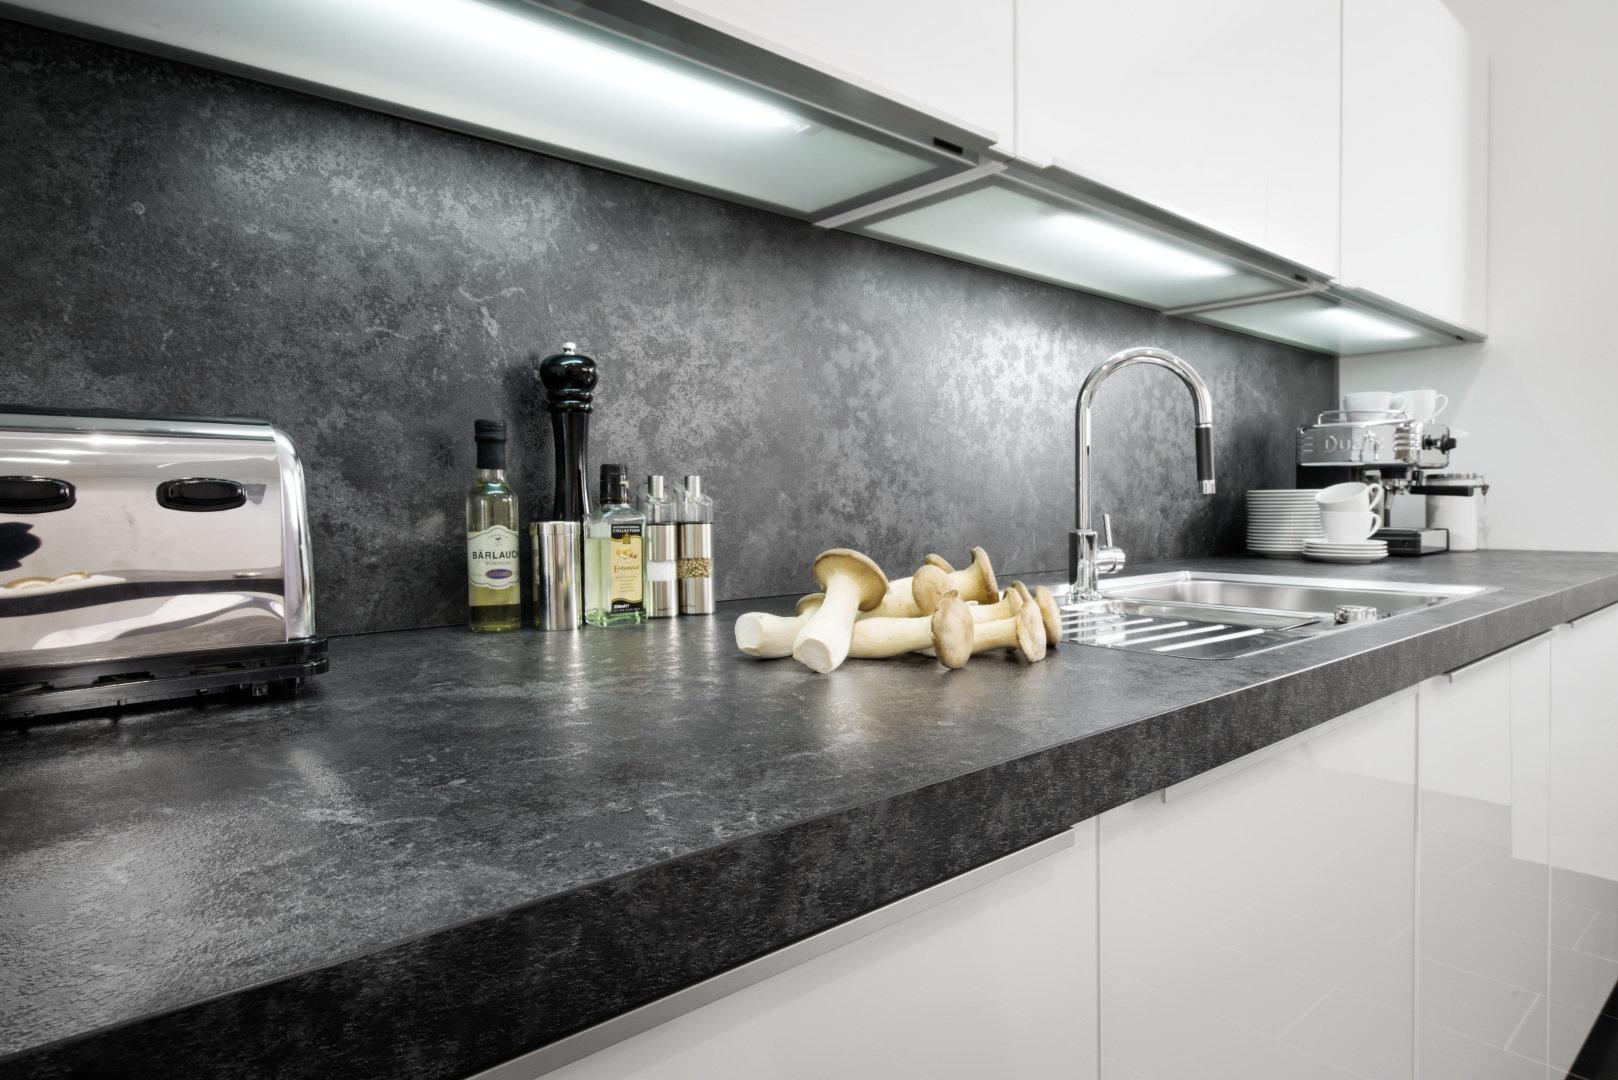 Full Size of Detailaufnahme Arbeitsplatte Java Schiefer / Lichtunterböden Küche Nischenrückwand Küche